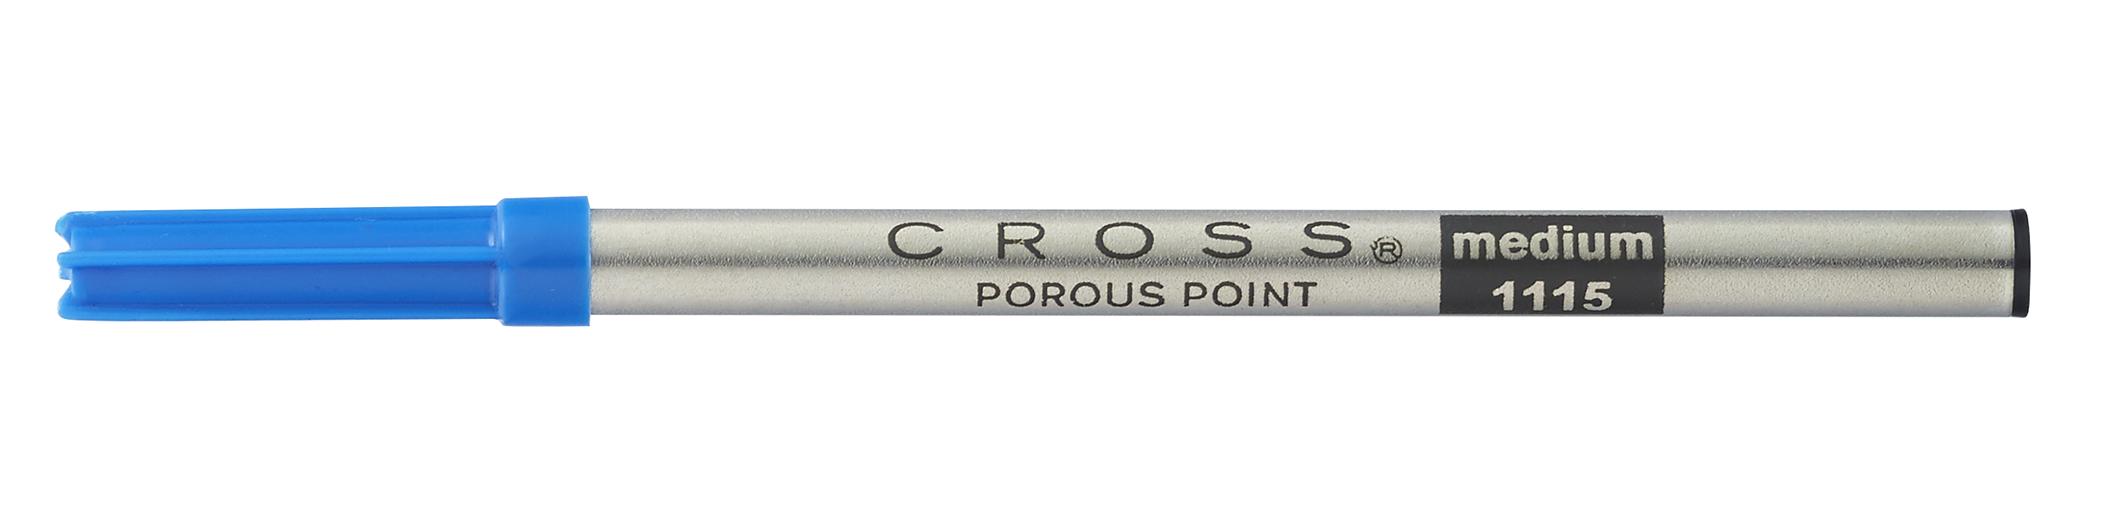 Porous-Point (Felt-Tip) Refill for Selectip Pens